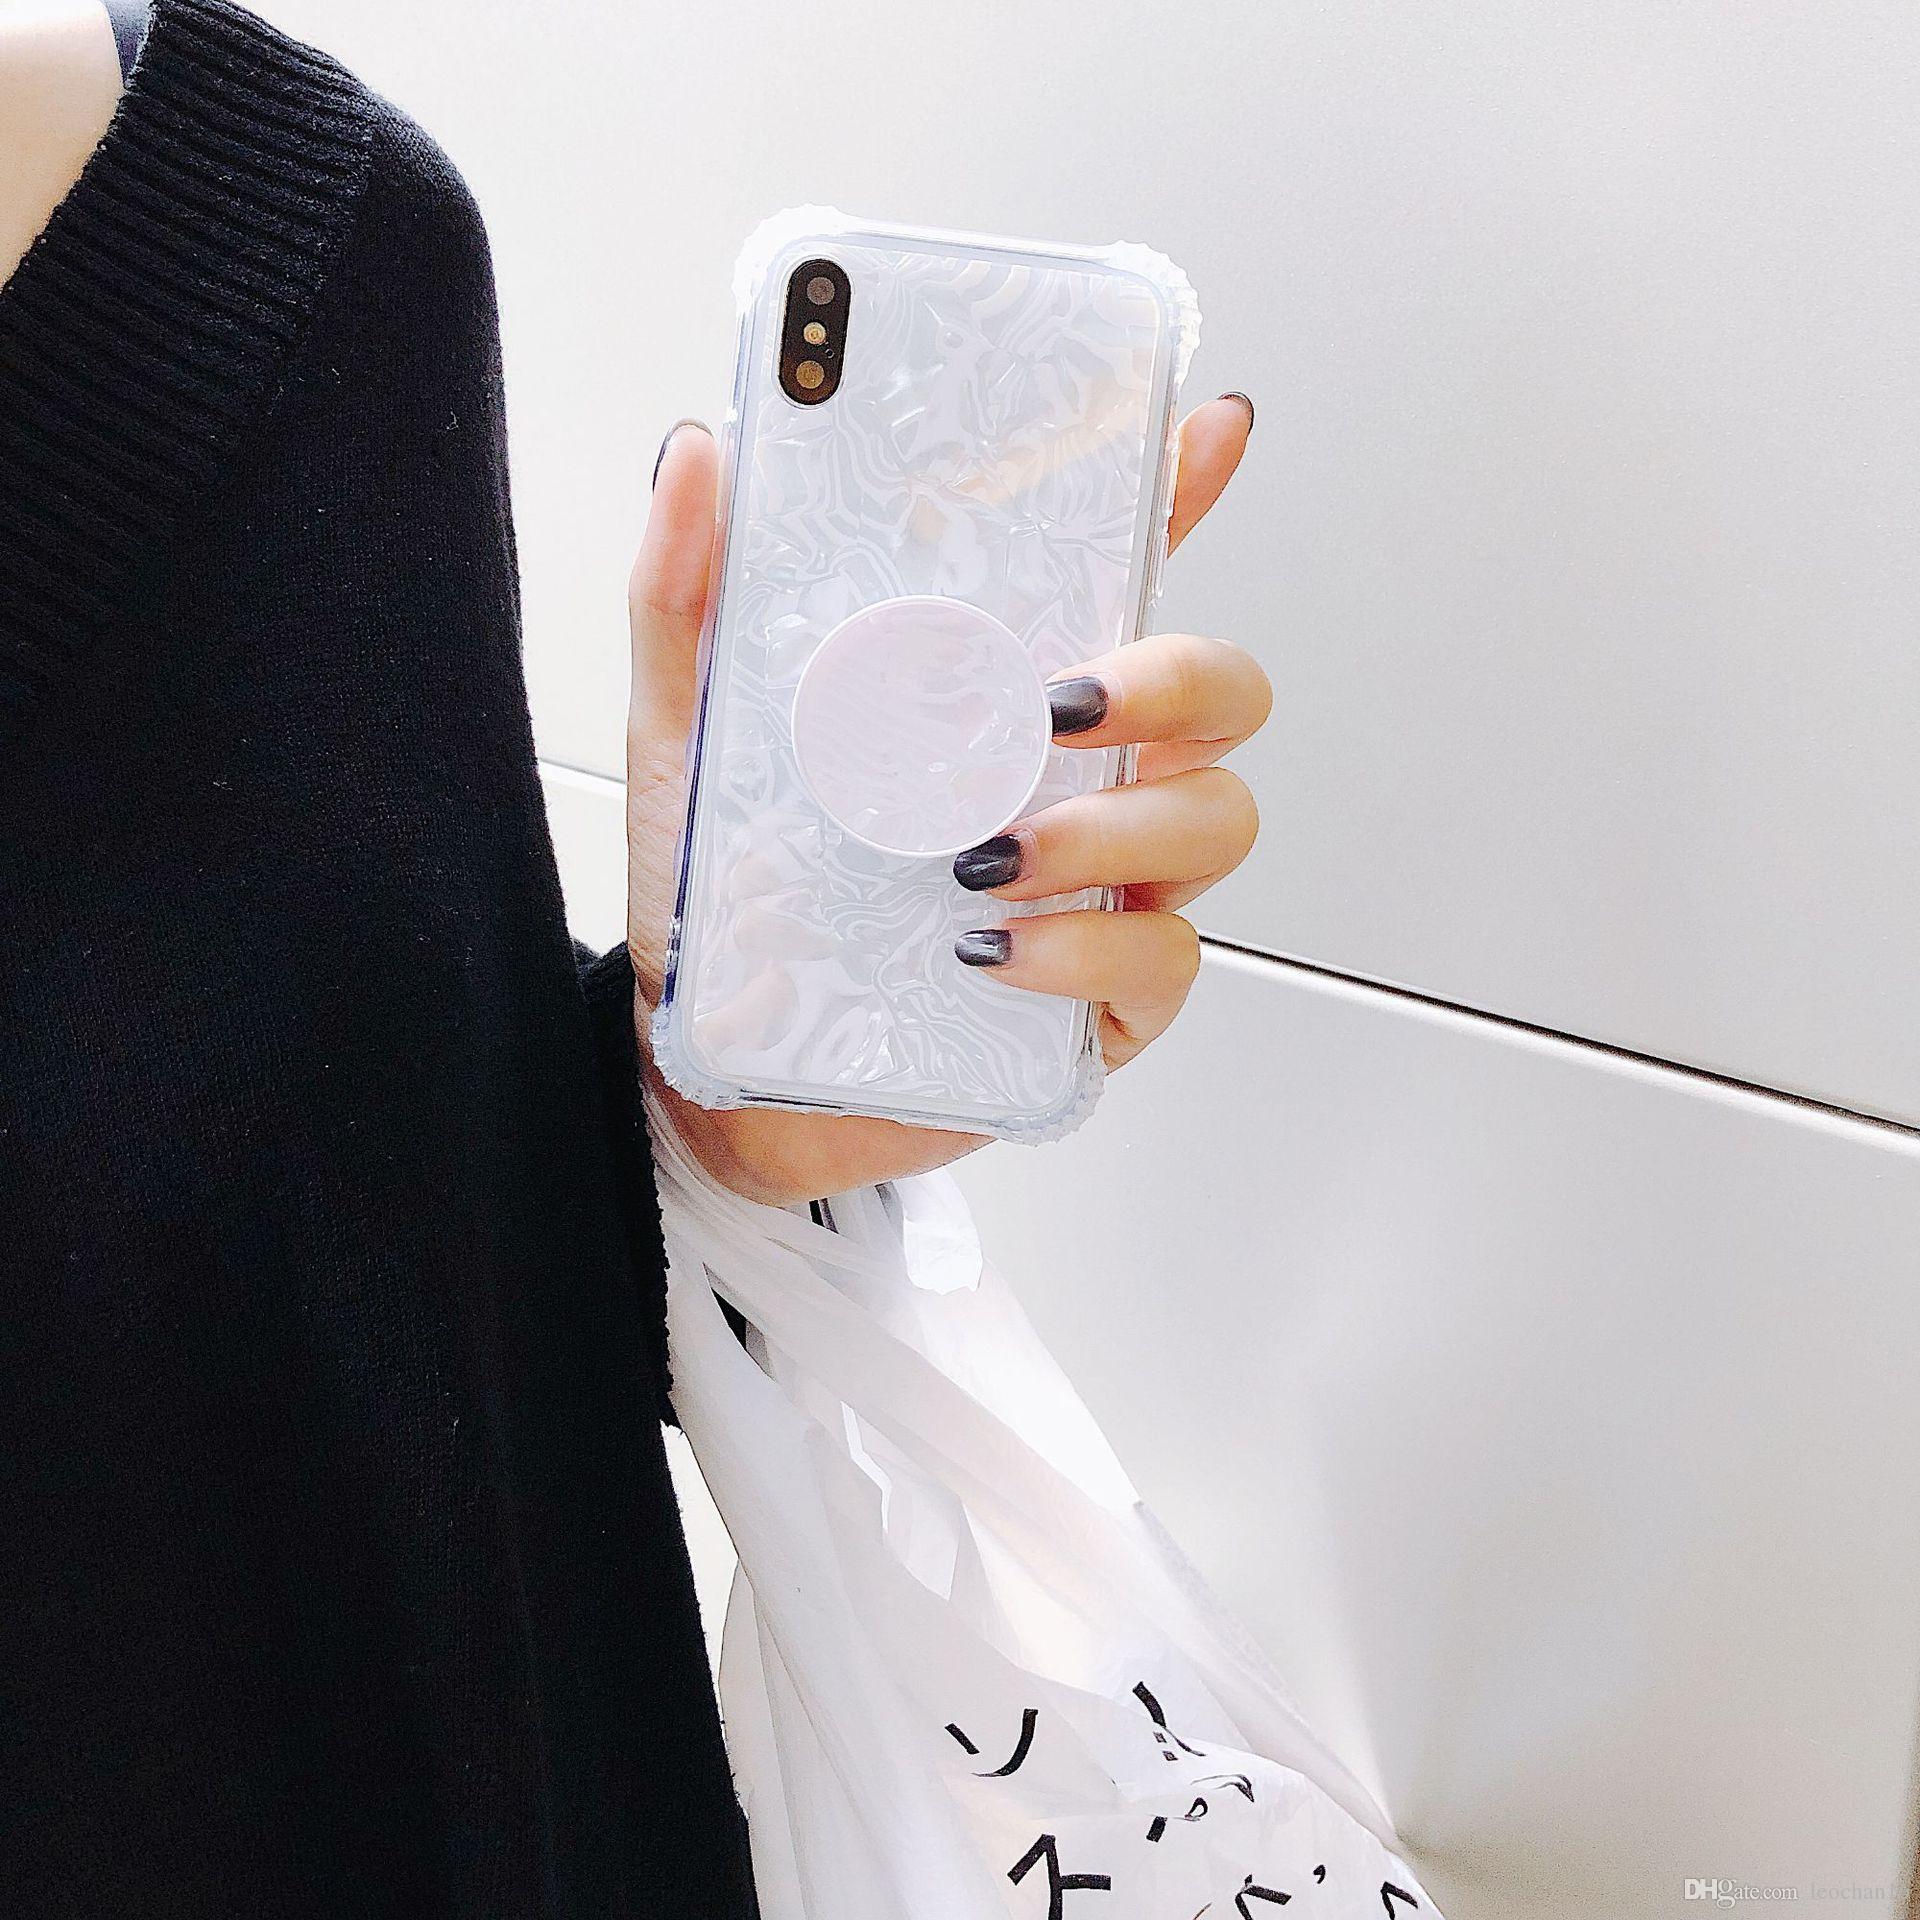 Schönheits-Muschel-Muster-Telefon-Kasten-Seitenständer-einziehbarer Airbag-Klammer-Tritonshorn-Muschel-Beschaffenheits-rückseitige Abdeckungs-Schild für iPhone X 10 4.7 5.5